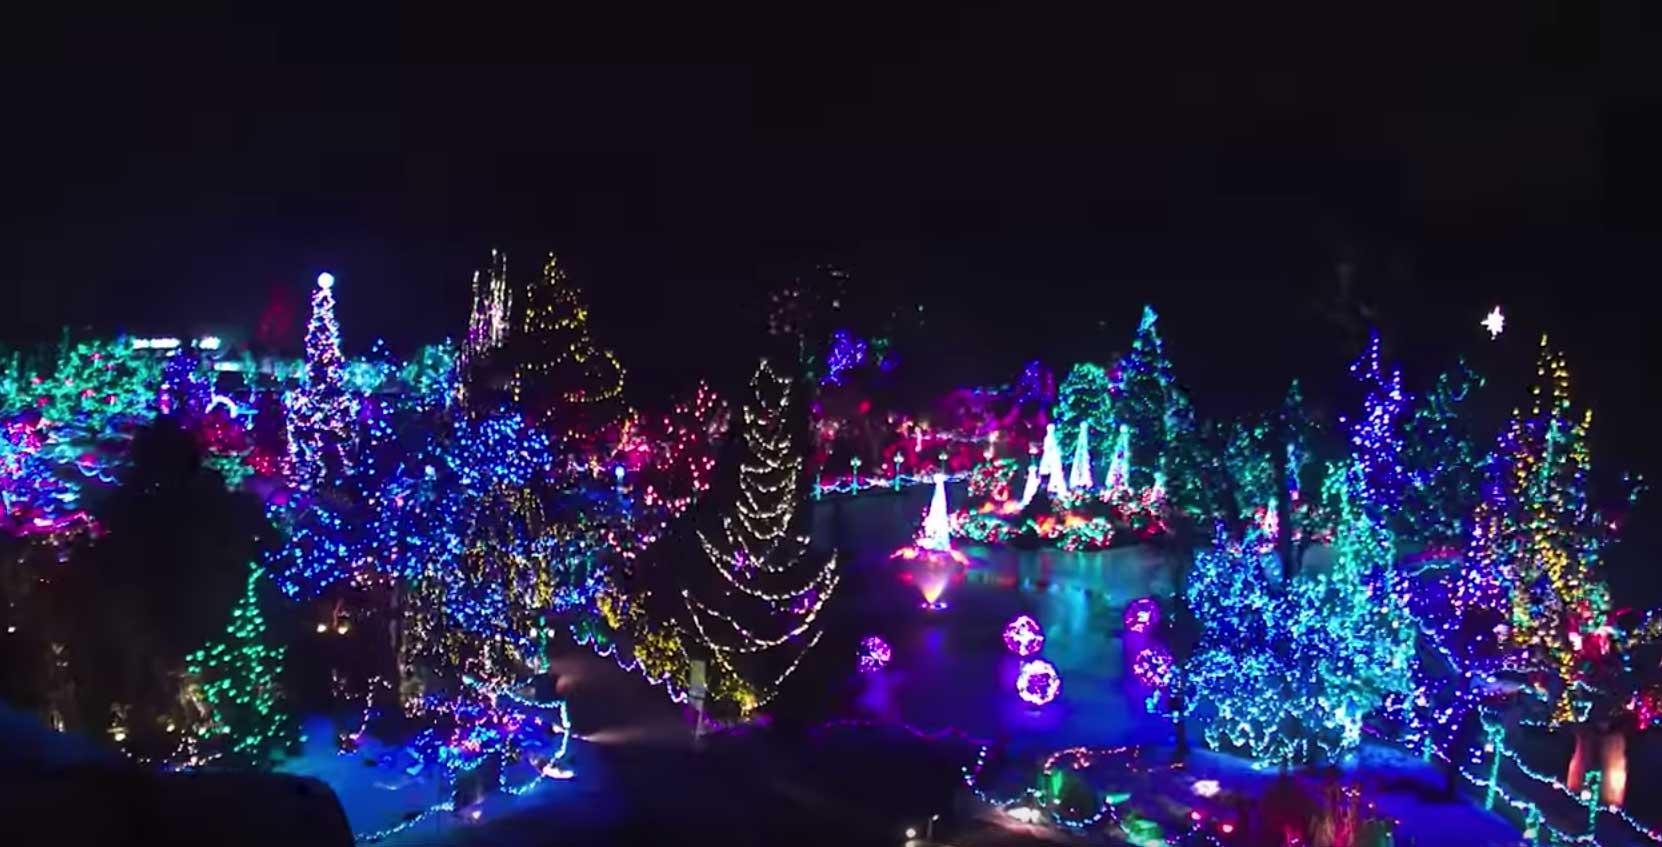 vandusen2018 - Van Dusen Gardens Christmas Lights 2019